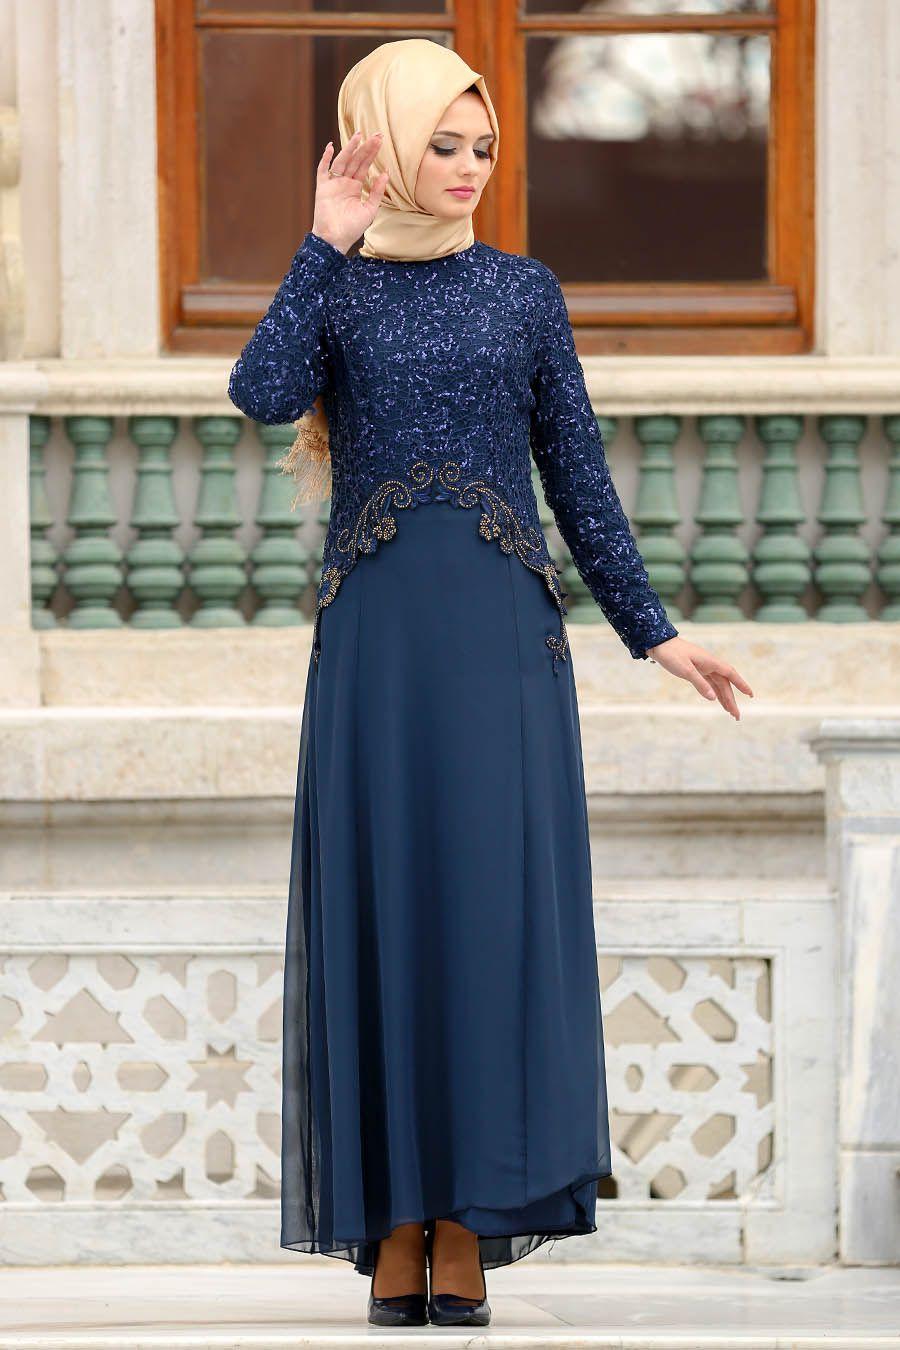 2019 Yeni Sezon Tesettur Giyim Elbise Sal Abiye De Ucuz Fiyat Elbise Elbise Modelleri Elbiseler